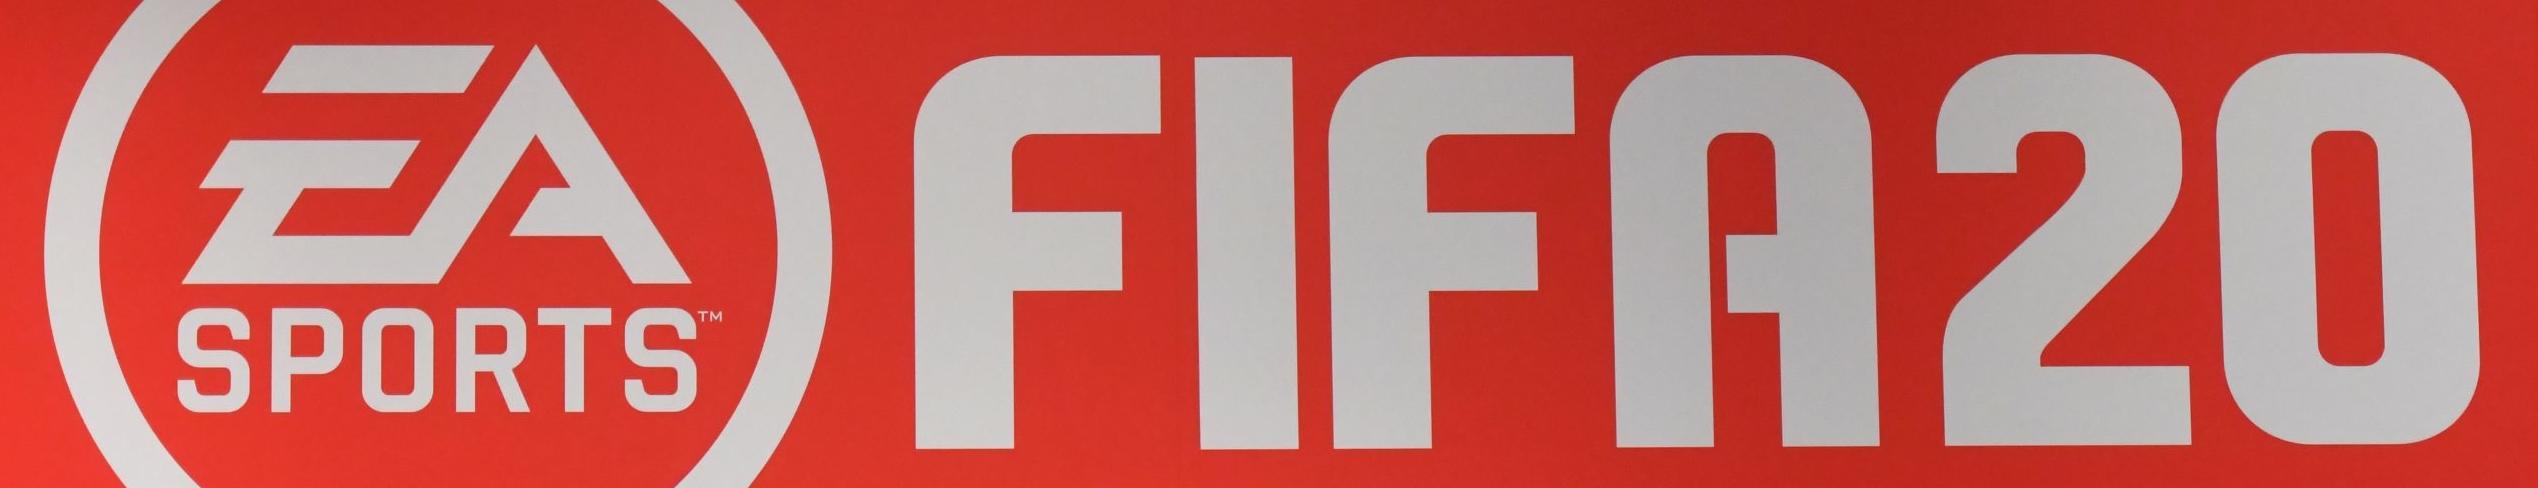 I trucchi di FIFA 20: dai crediti infiniti ai tricks, tutto quello che dovete sapere